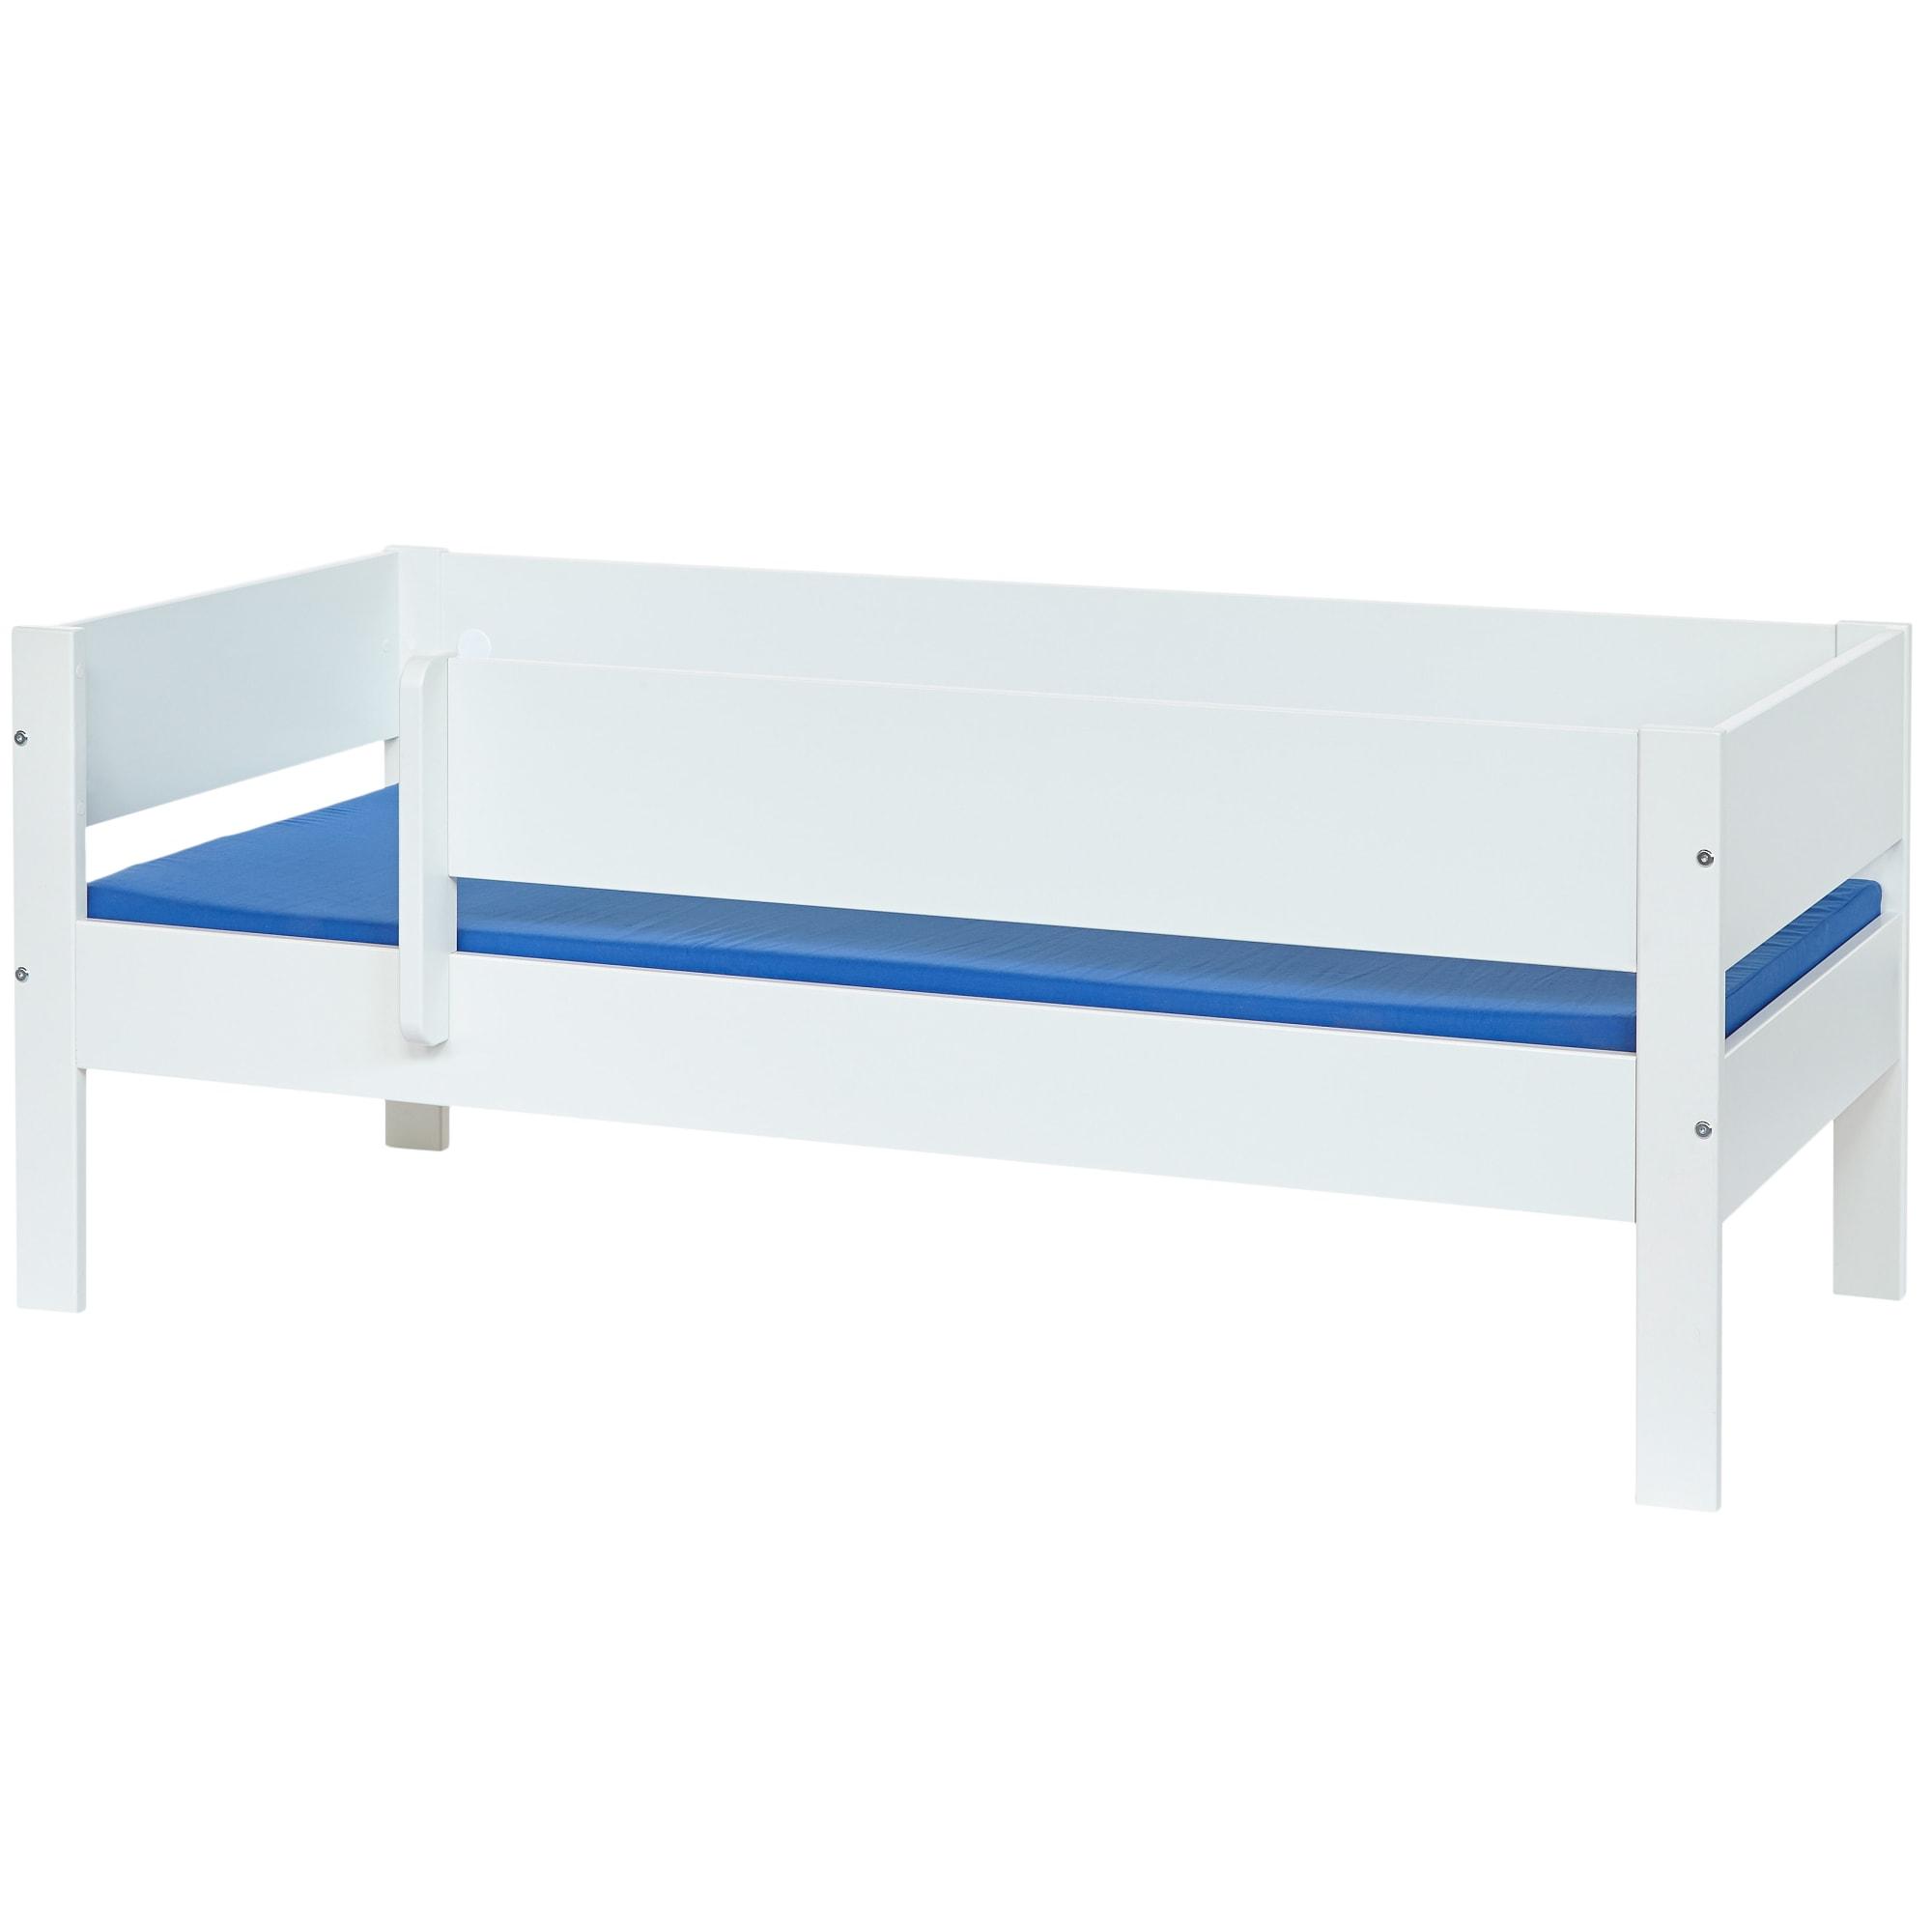 70 x 160 cm - Med sengehest der kan afmonteres